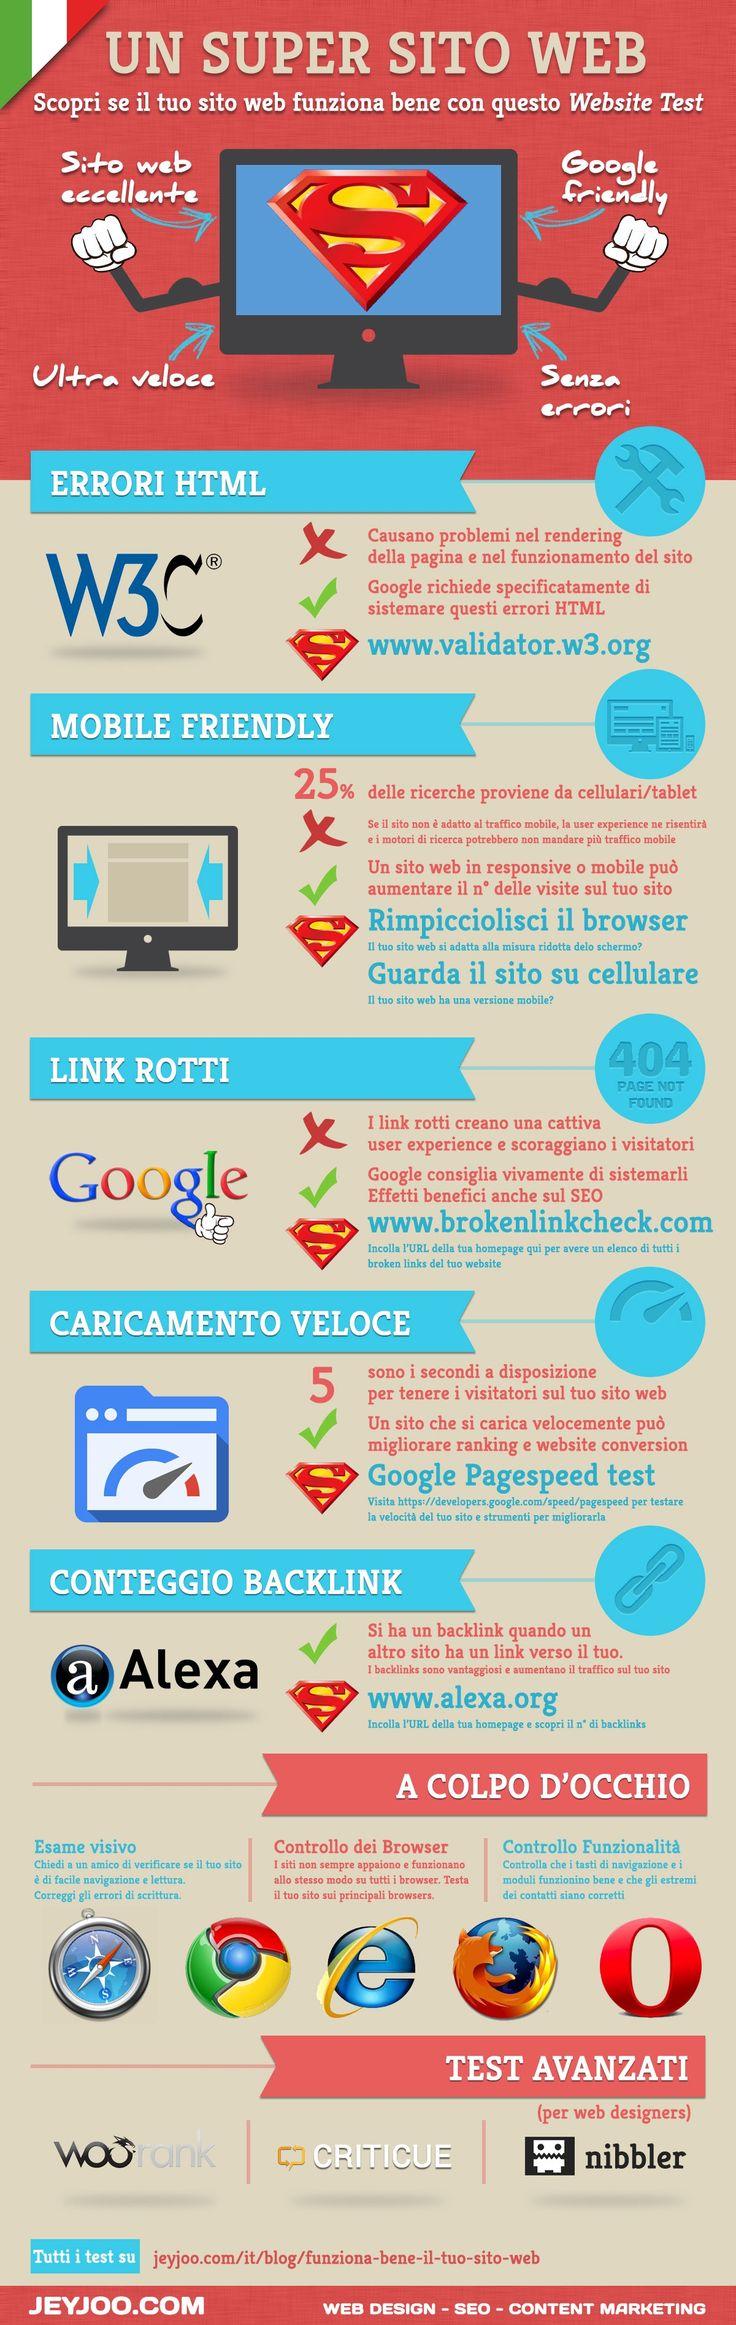 Strumenti facili e veloci per capire se il tuo sito web funziona bene